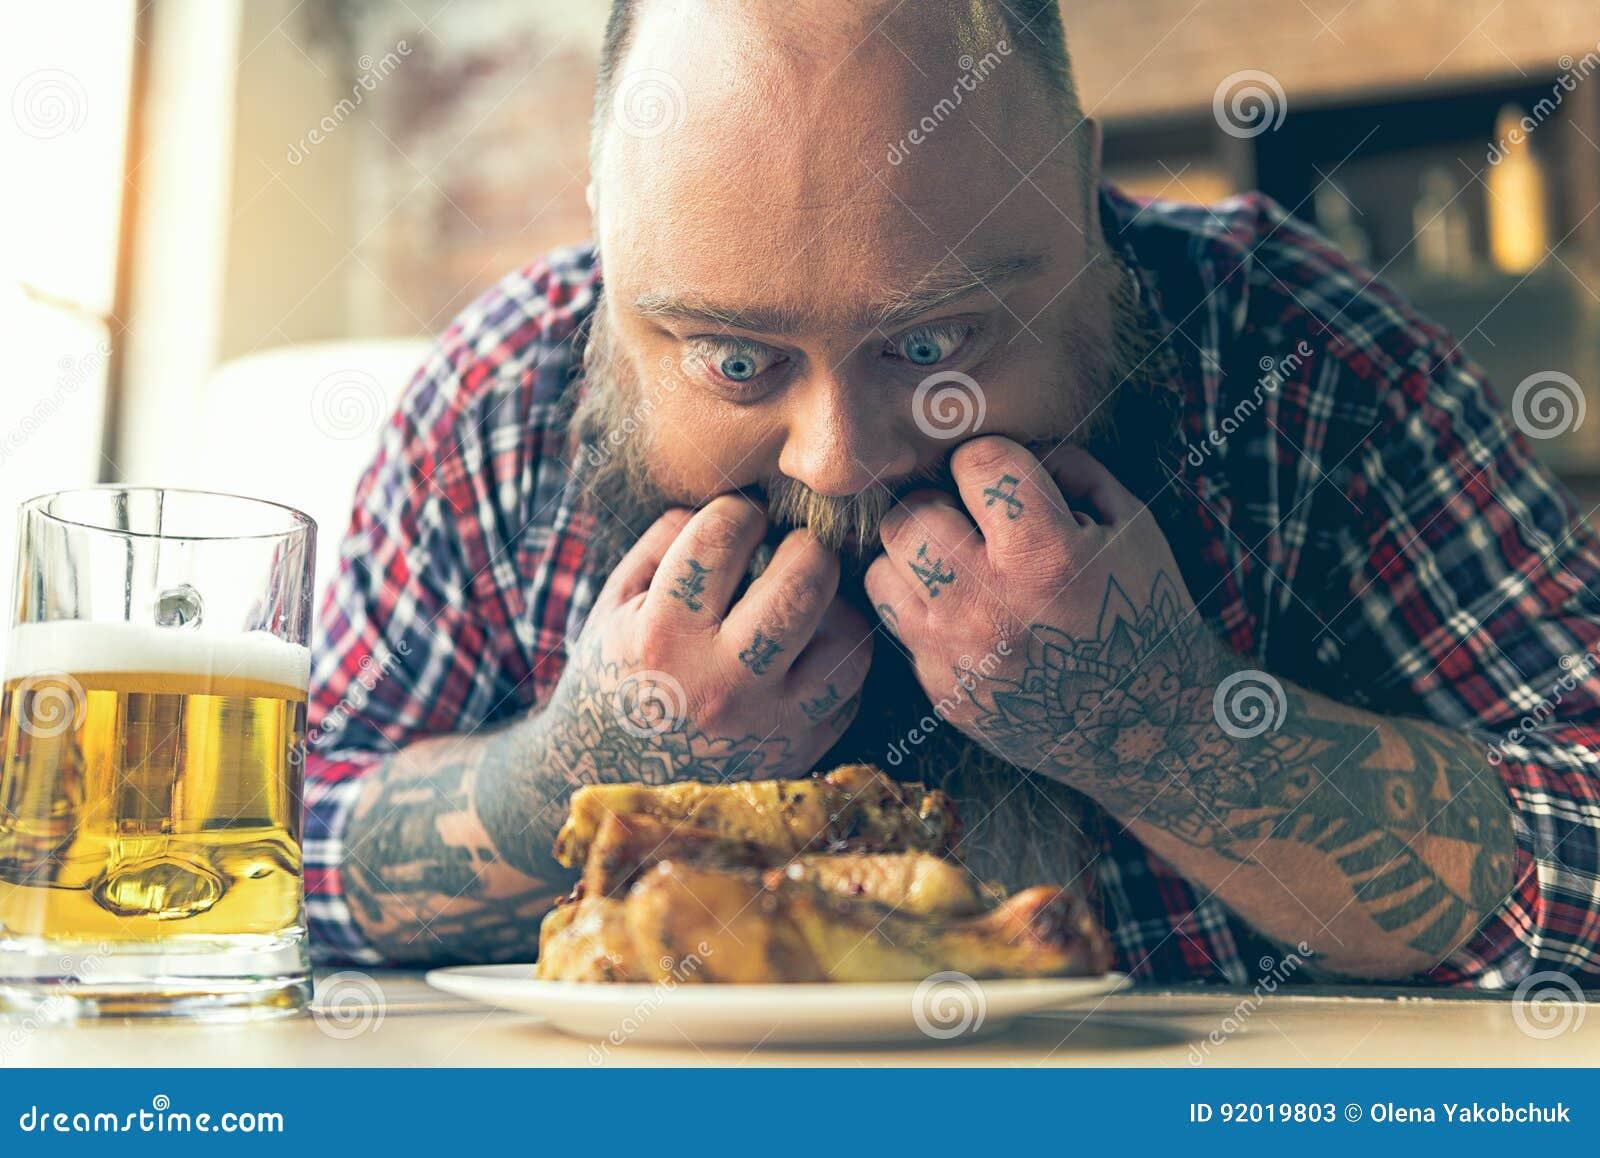 Vette mens die bij vlees met eetlust staren